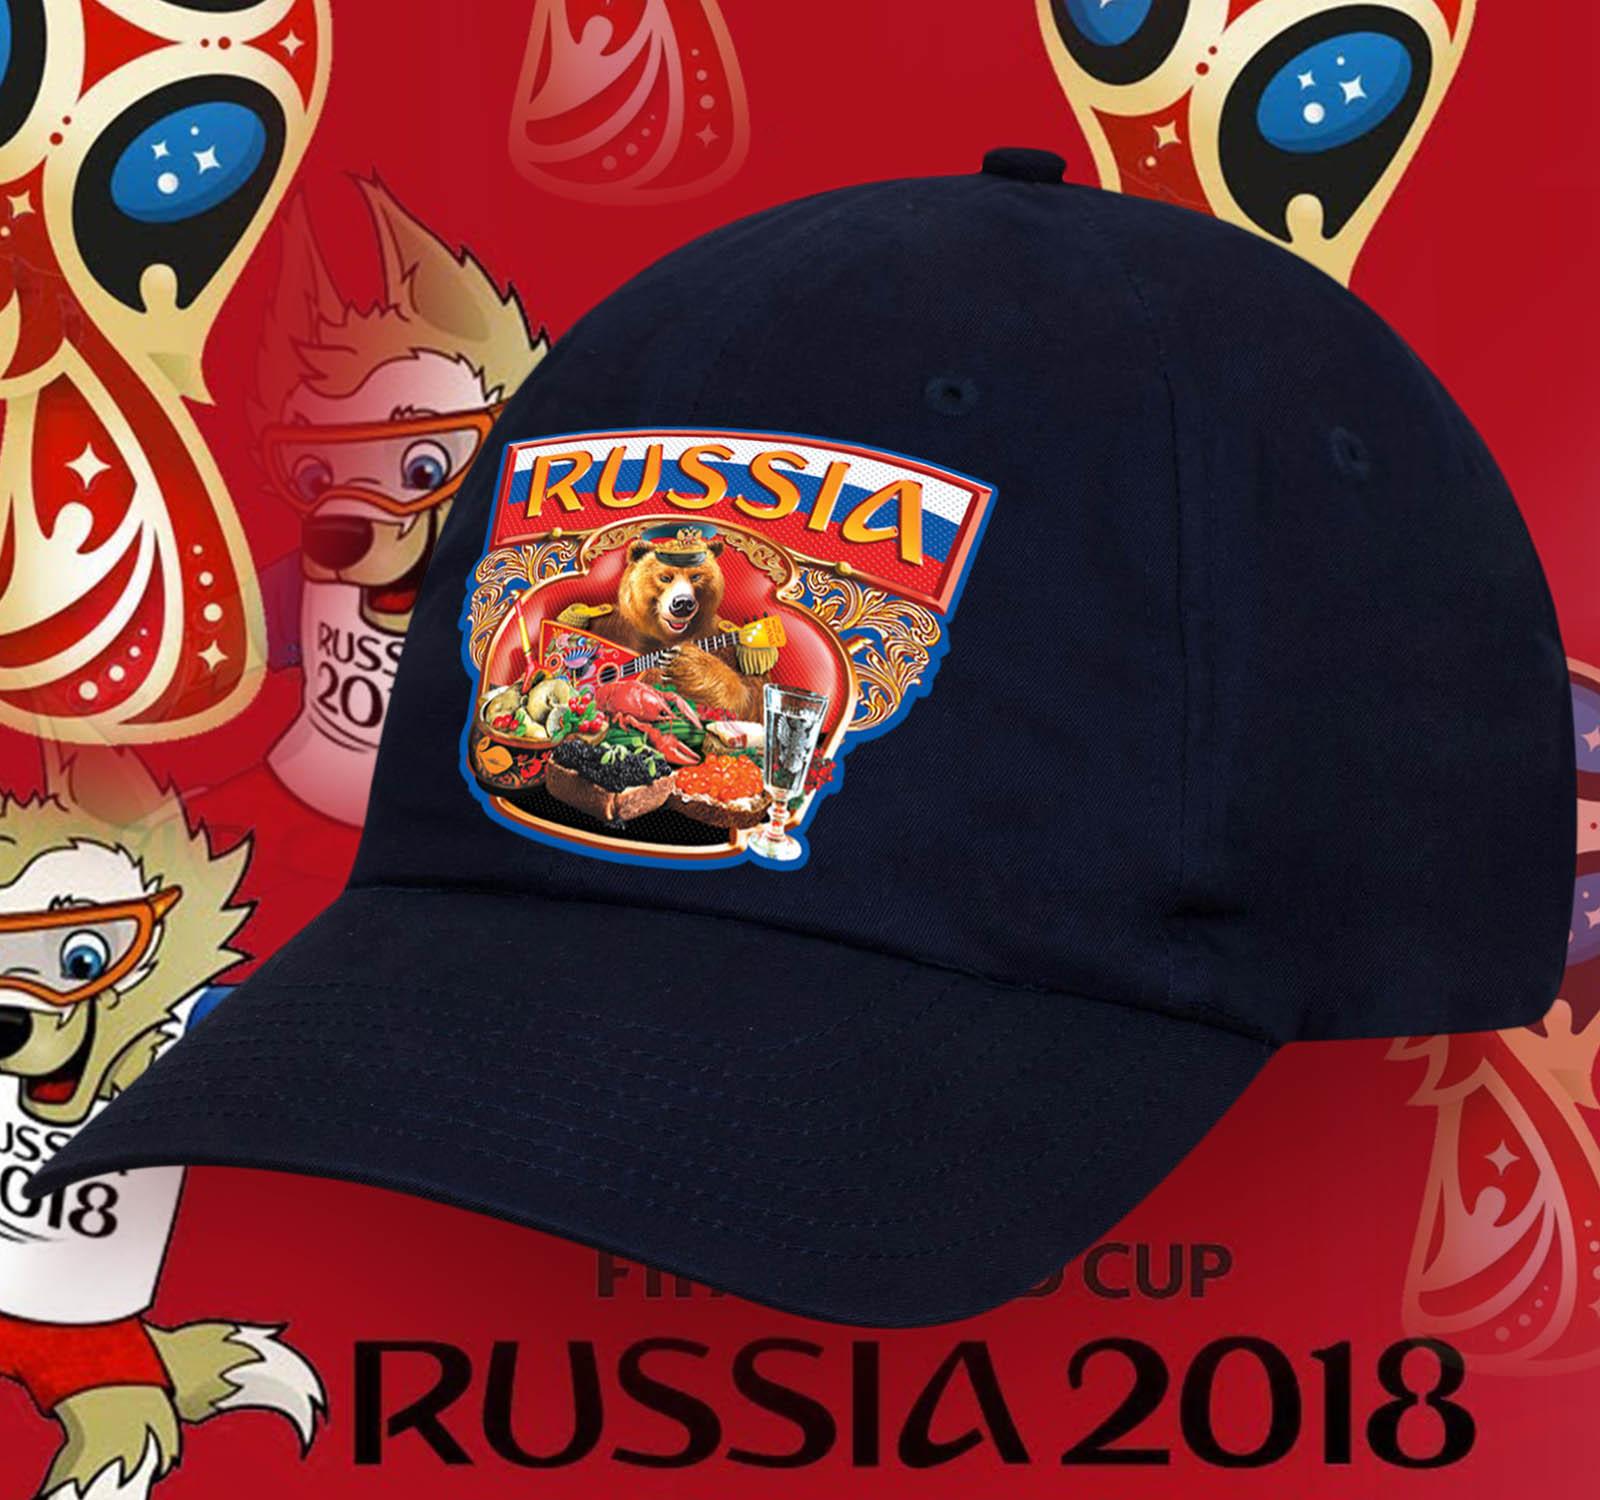 Достойная хлопковая кепка с авторским принтом Russia «Матрешки в бане», которую Вы не купите нигде, по самой низкой цене. Поспешите заказать!